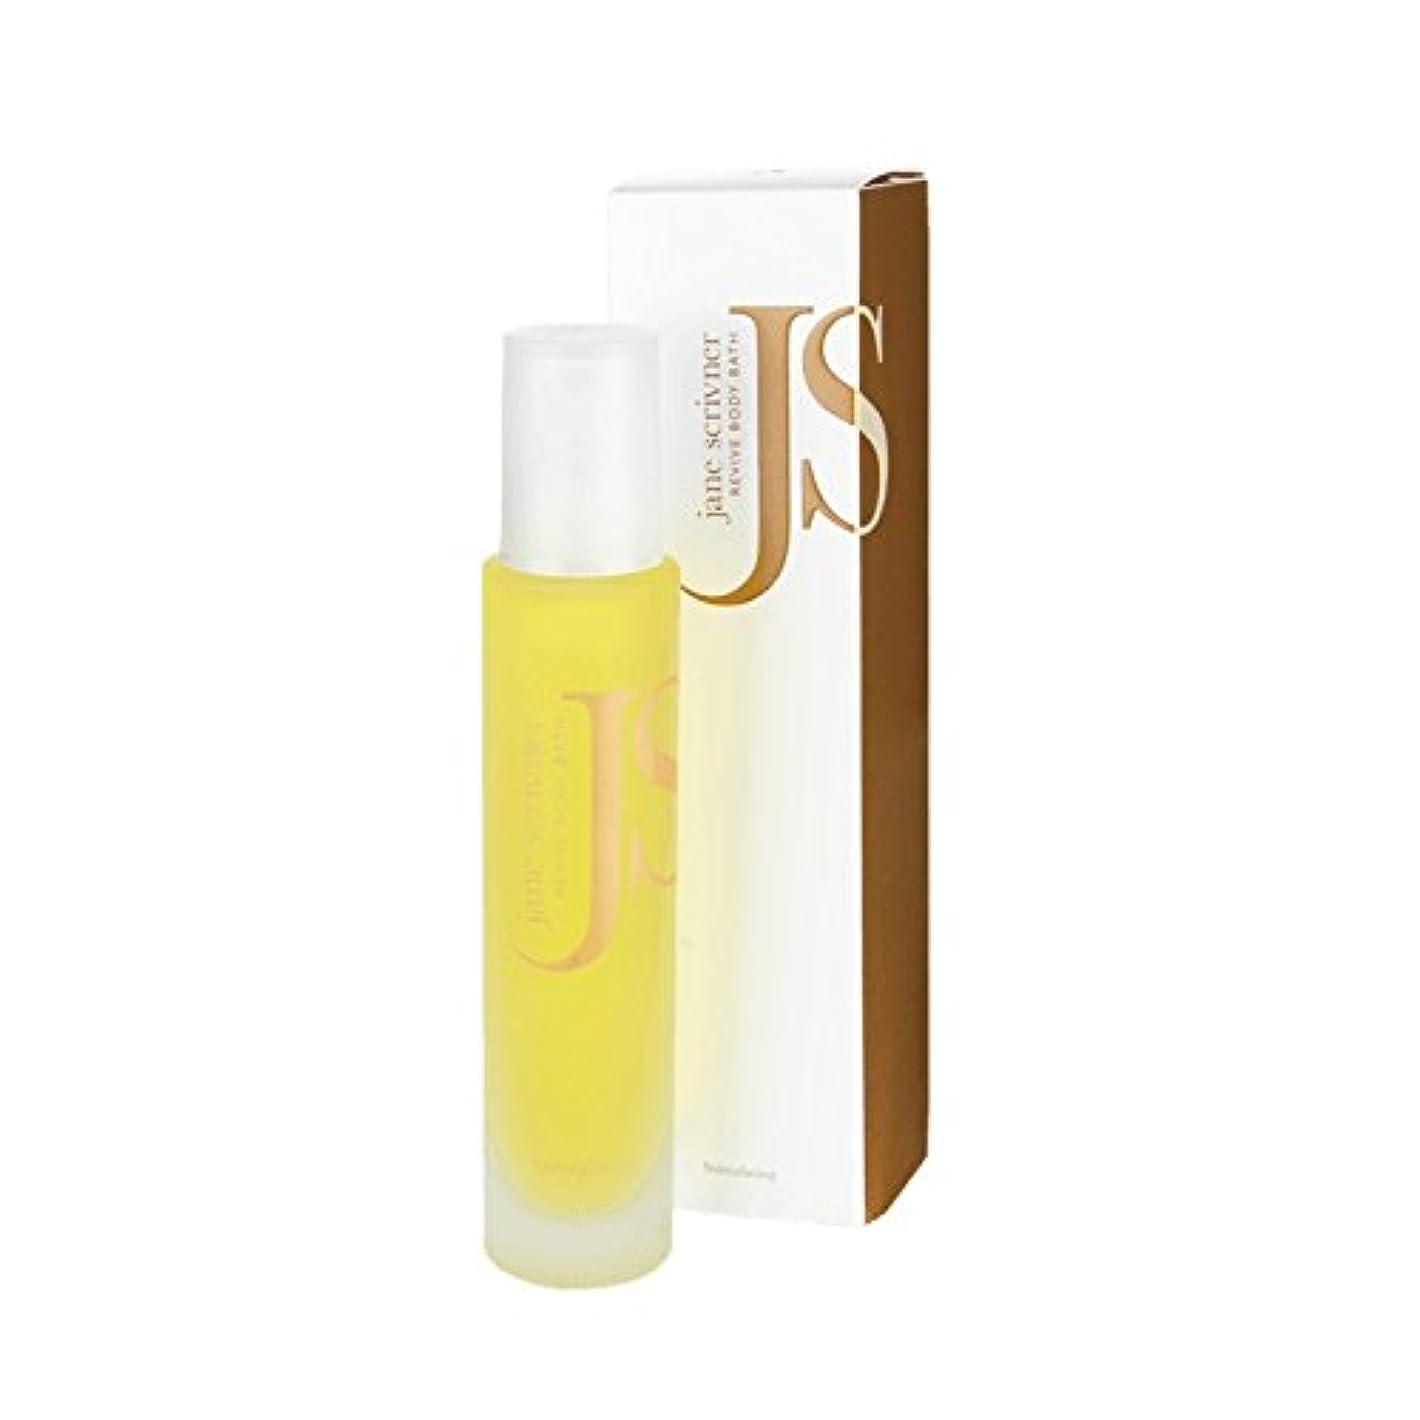 忌避剤弾力性のあるカリキュラムJane Scrivner Body Bath Oil Revive 100ml (Pack of 6) - ジェーンScrivnerボディバスオイル100ミリリットルを復活させます (x6) [並行輸入品]